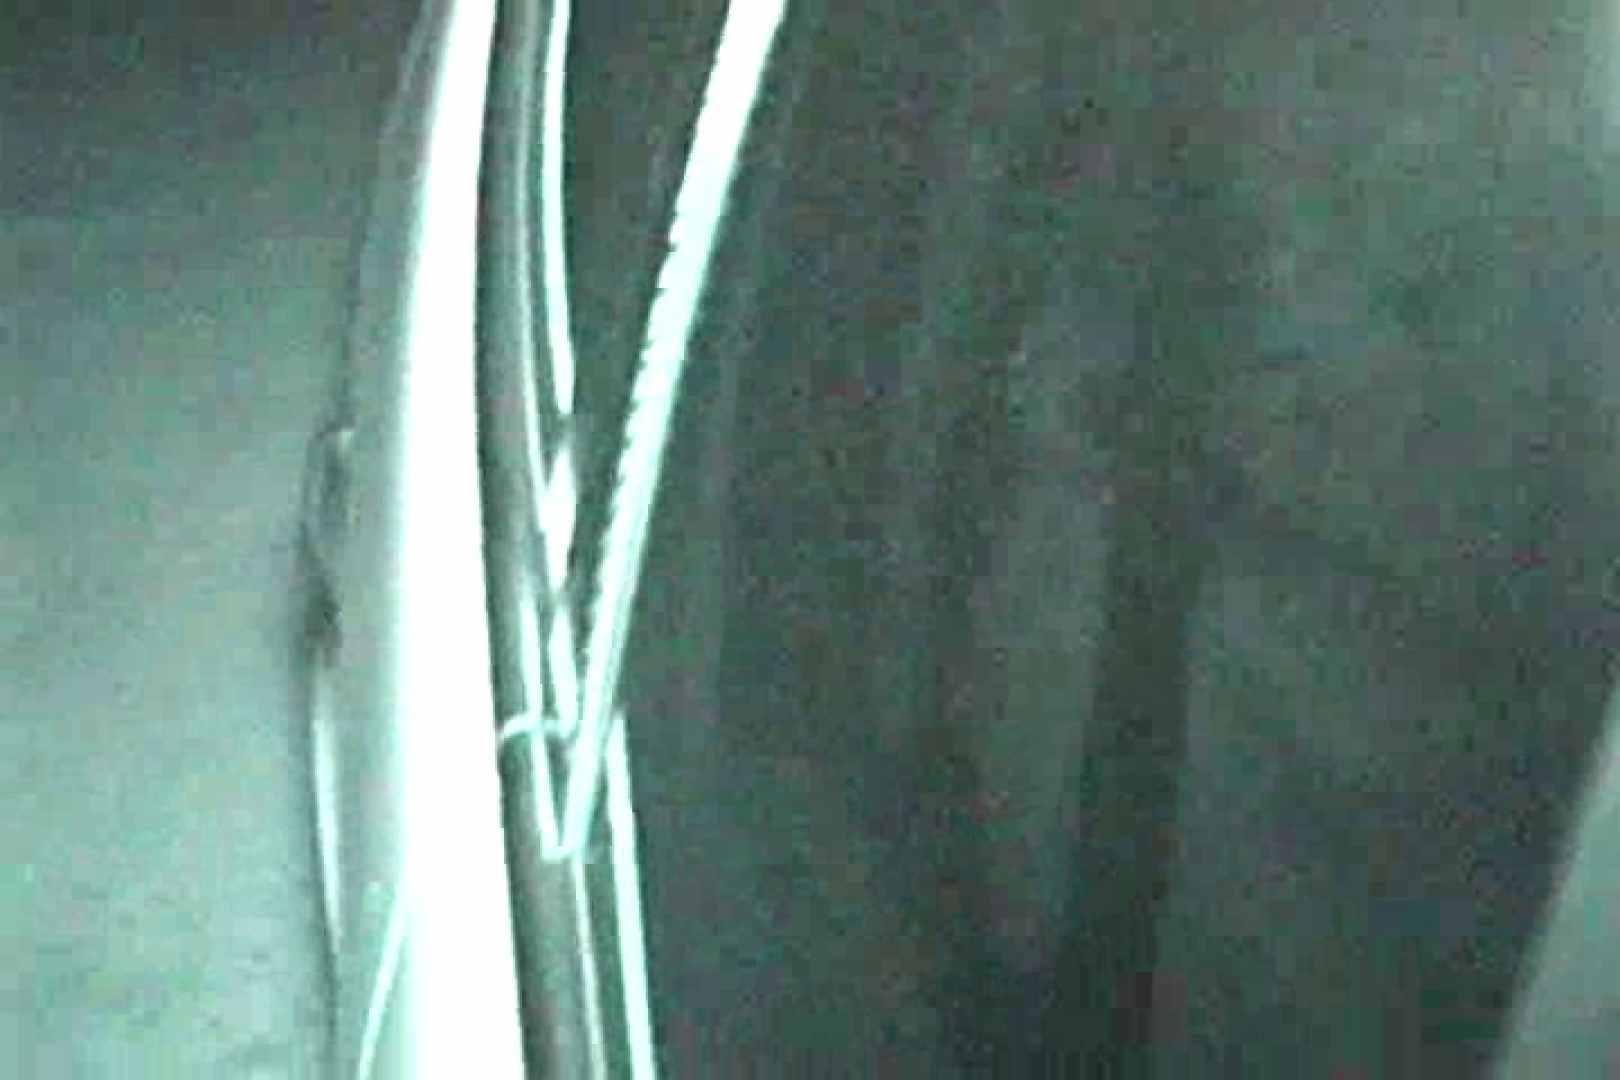 充血監督の深夜の運動会Vol.33 マンコ無修正 | セックス  85画像 41